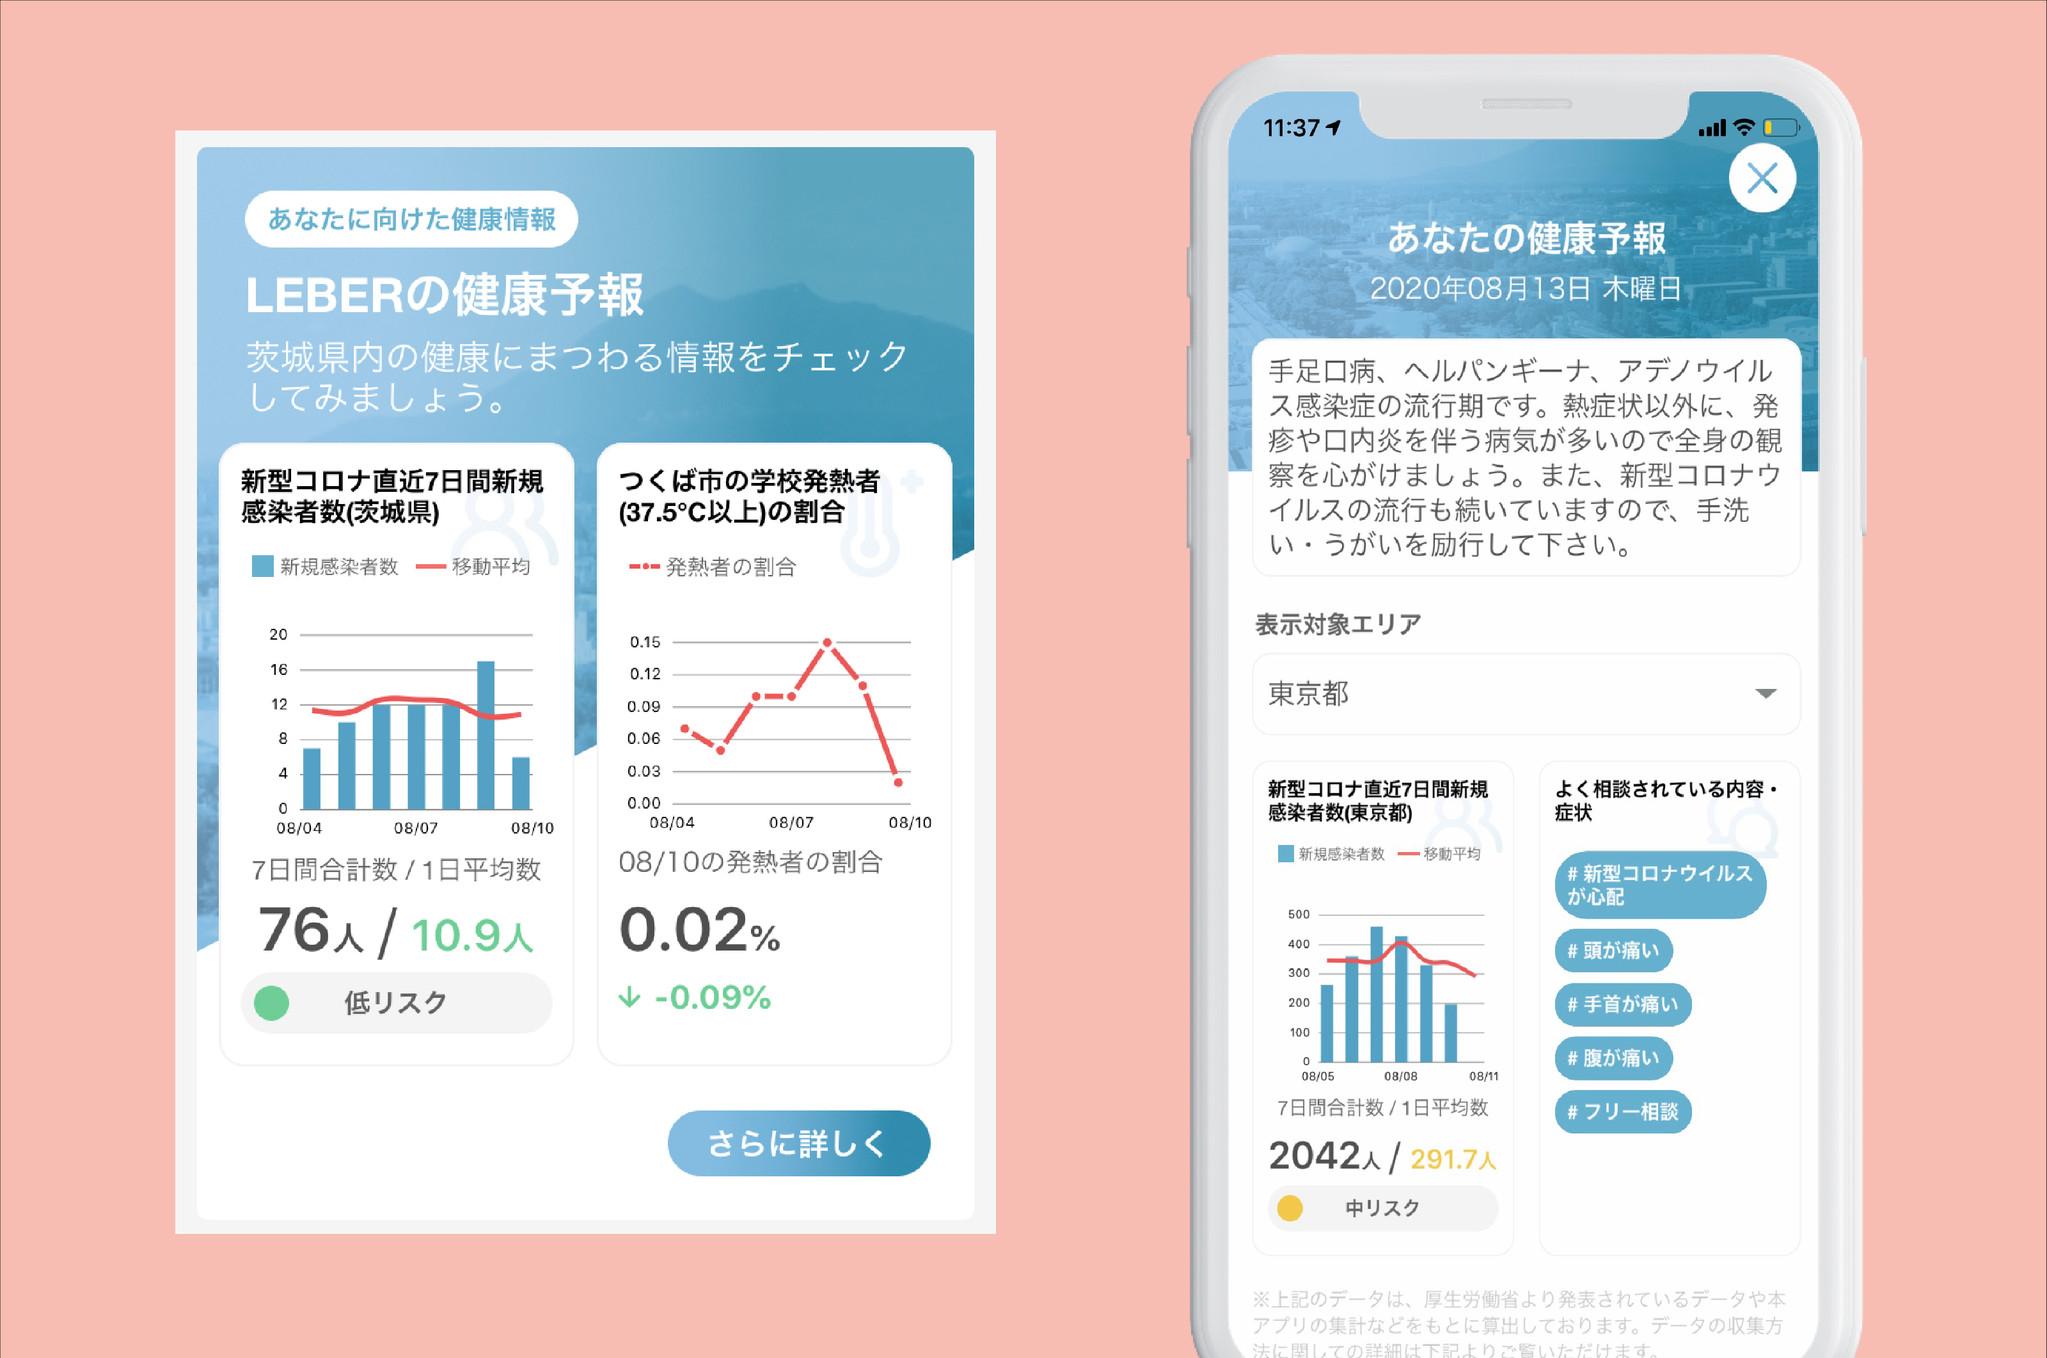 割合 コロナ 感染 日本国内の感染者9800人 NHKデータ分析